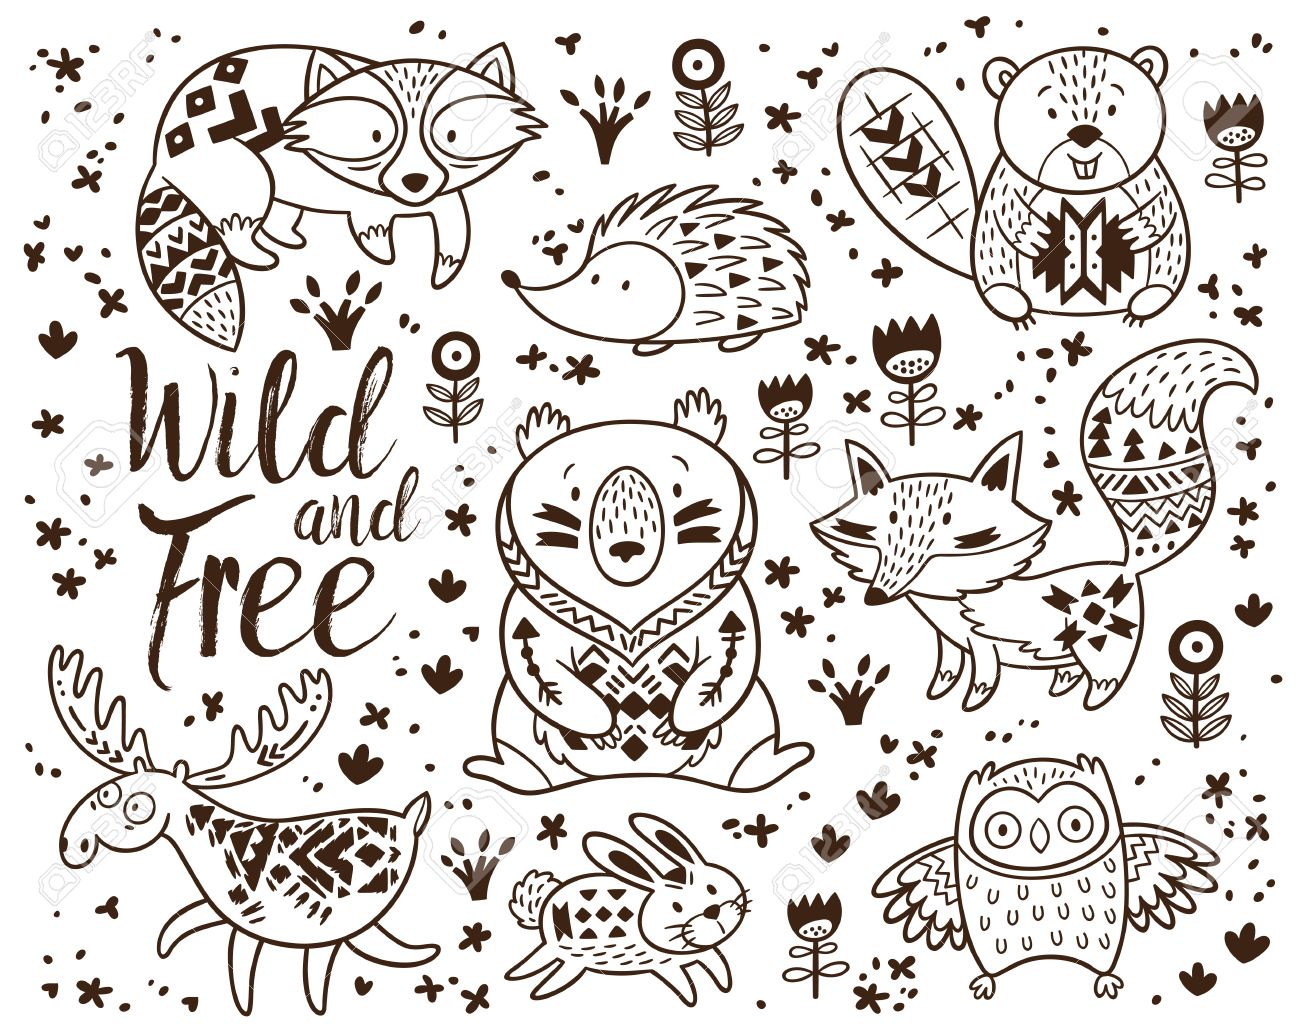 Los Animales Del Bosque Dibujos Para Colorear Para Los Ninos Vector